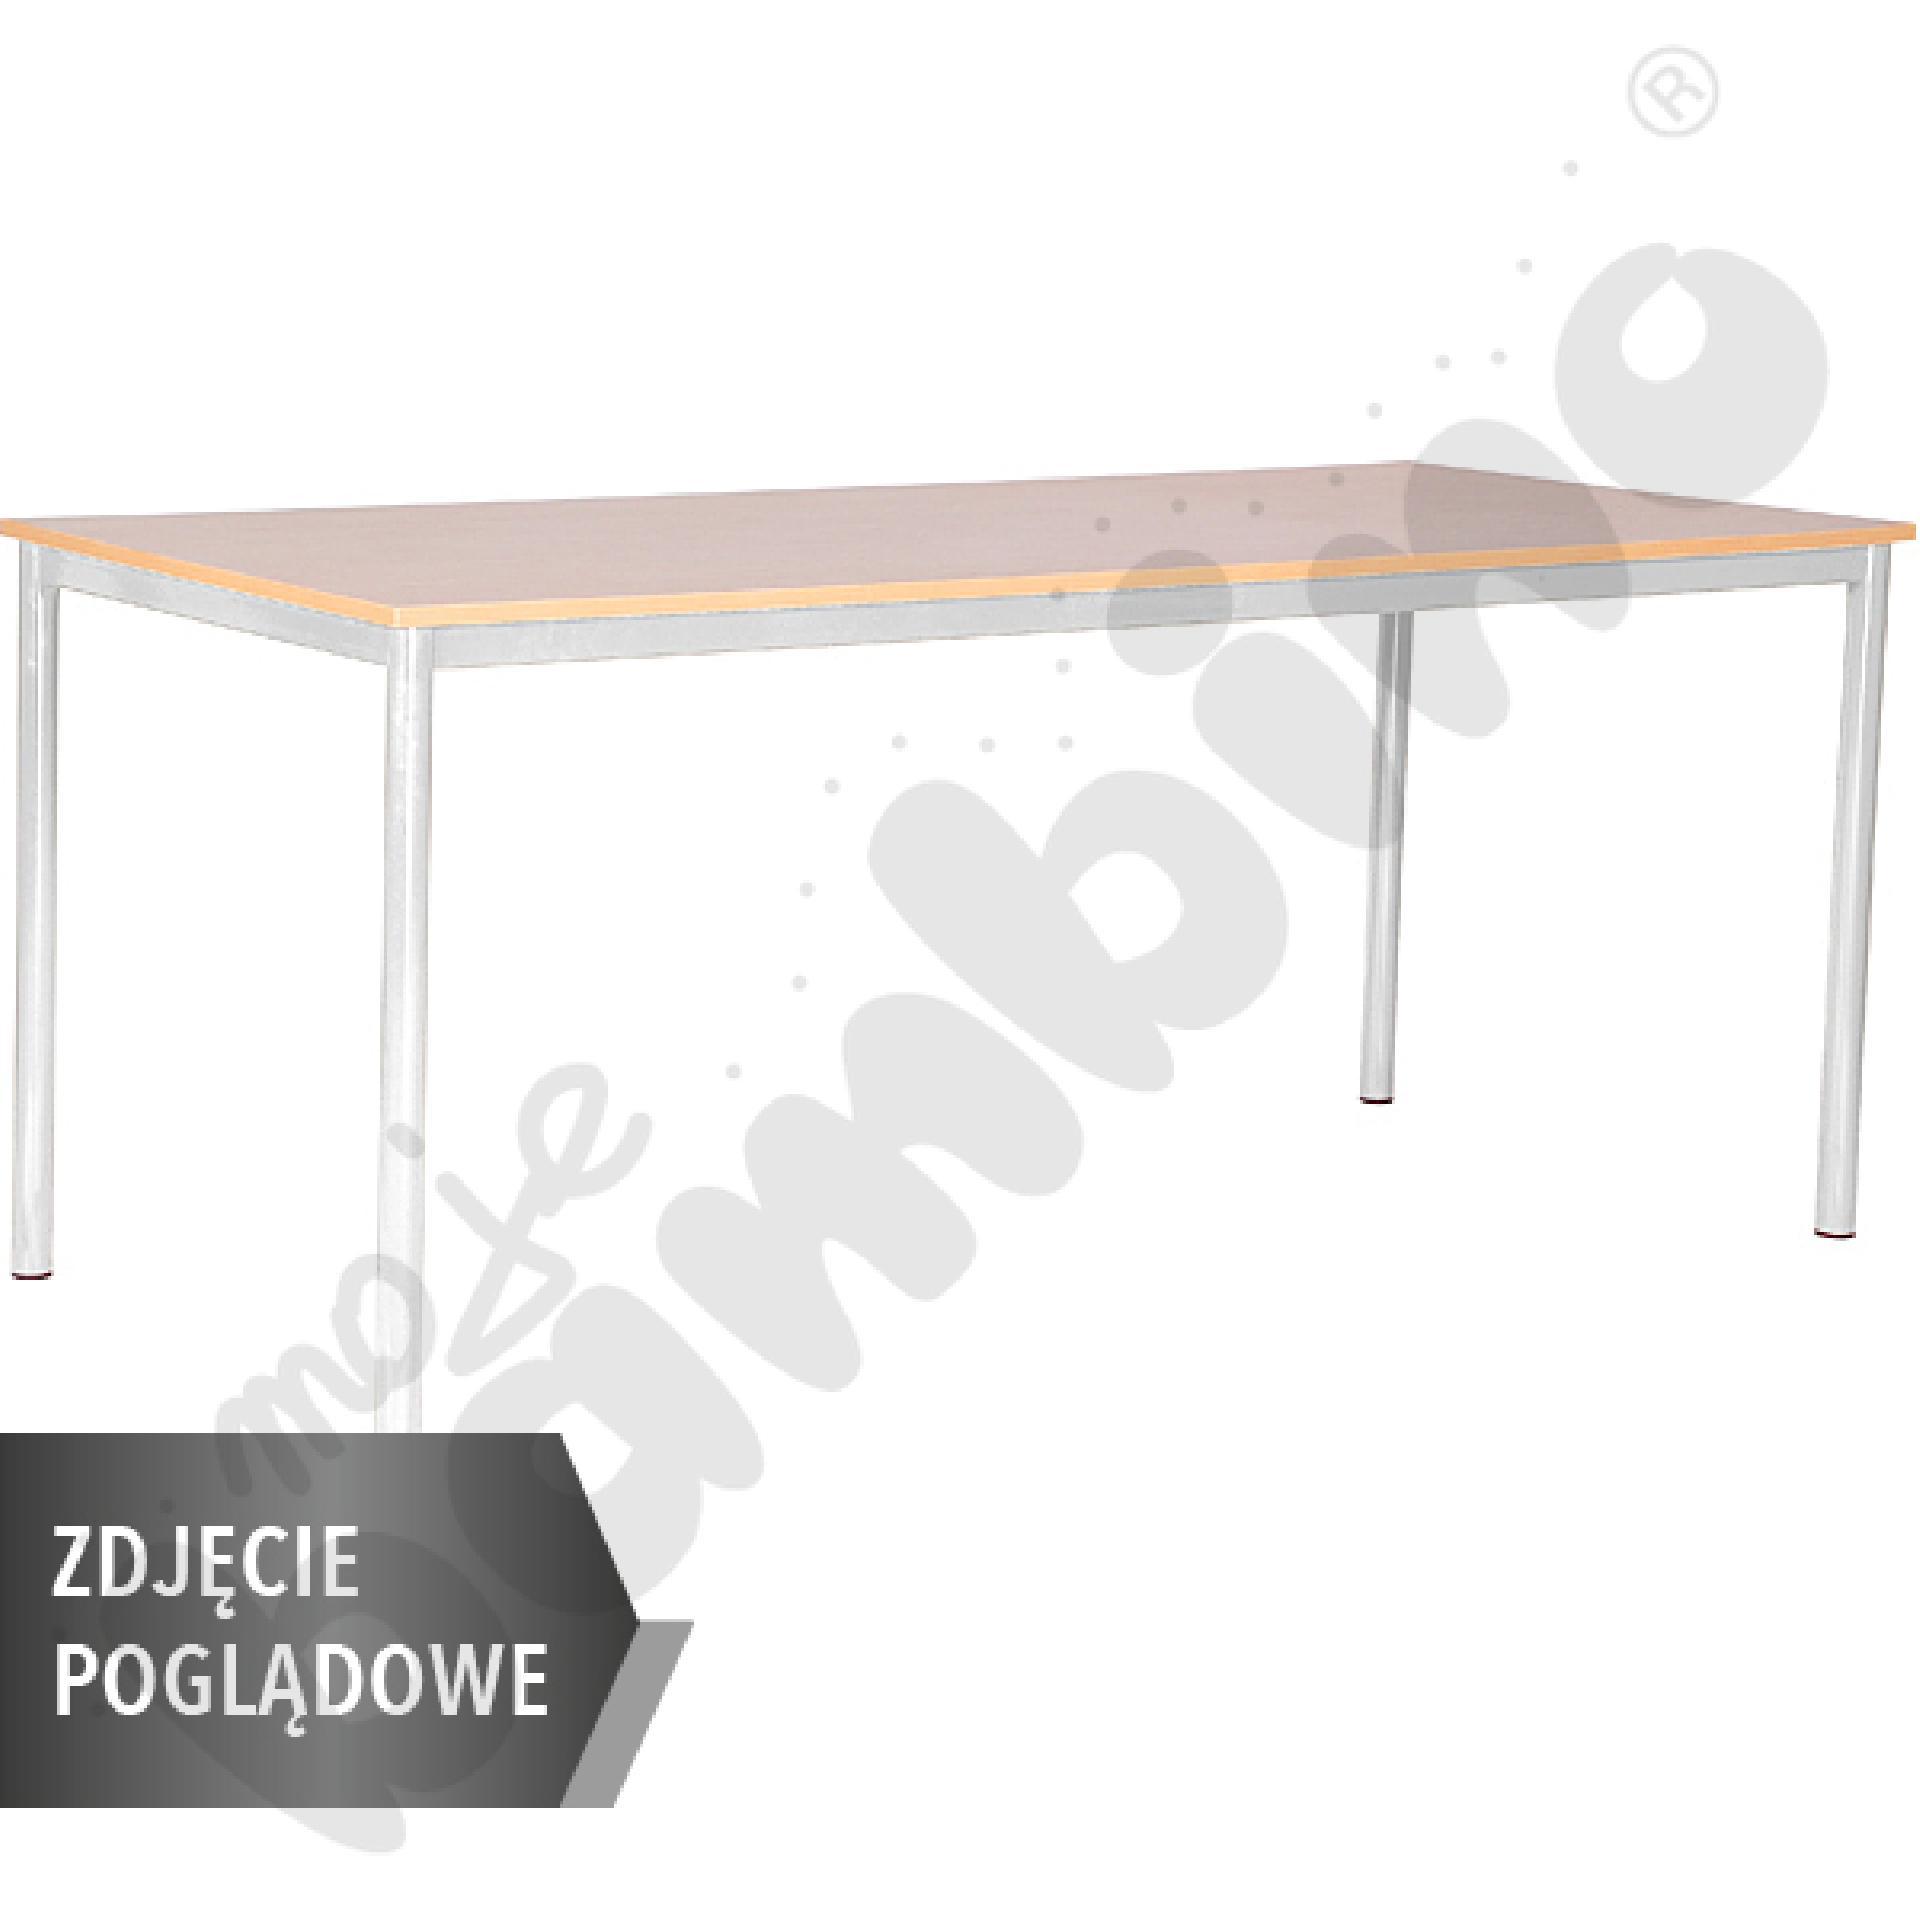 Stół Mila 180x80 rozm. 5, 8os., stelaż czerwony, blat biały, obrzeże ABS, narożniki proste